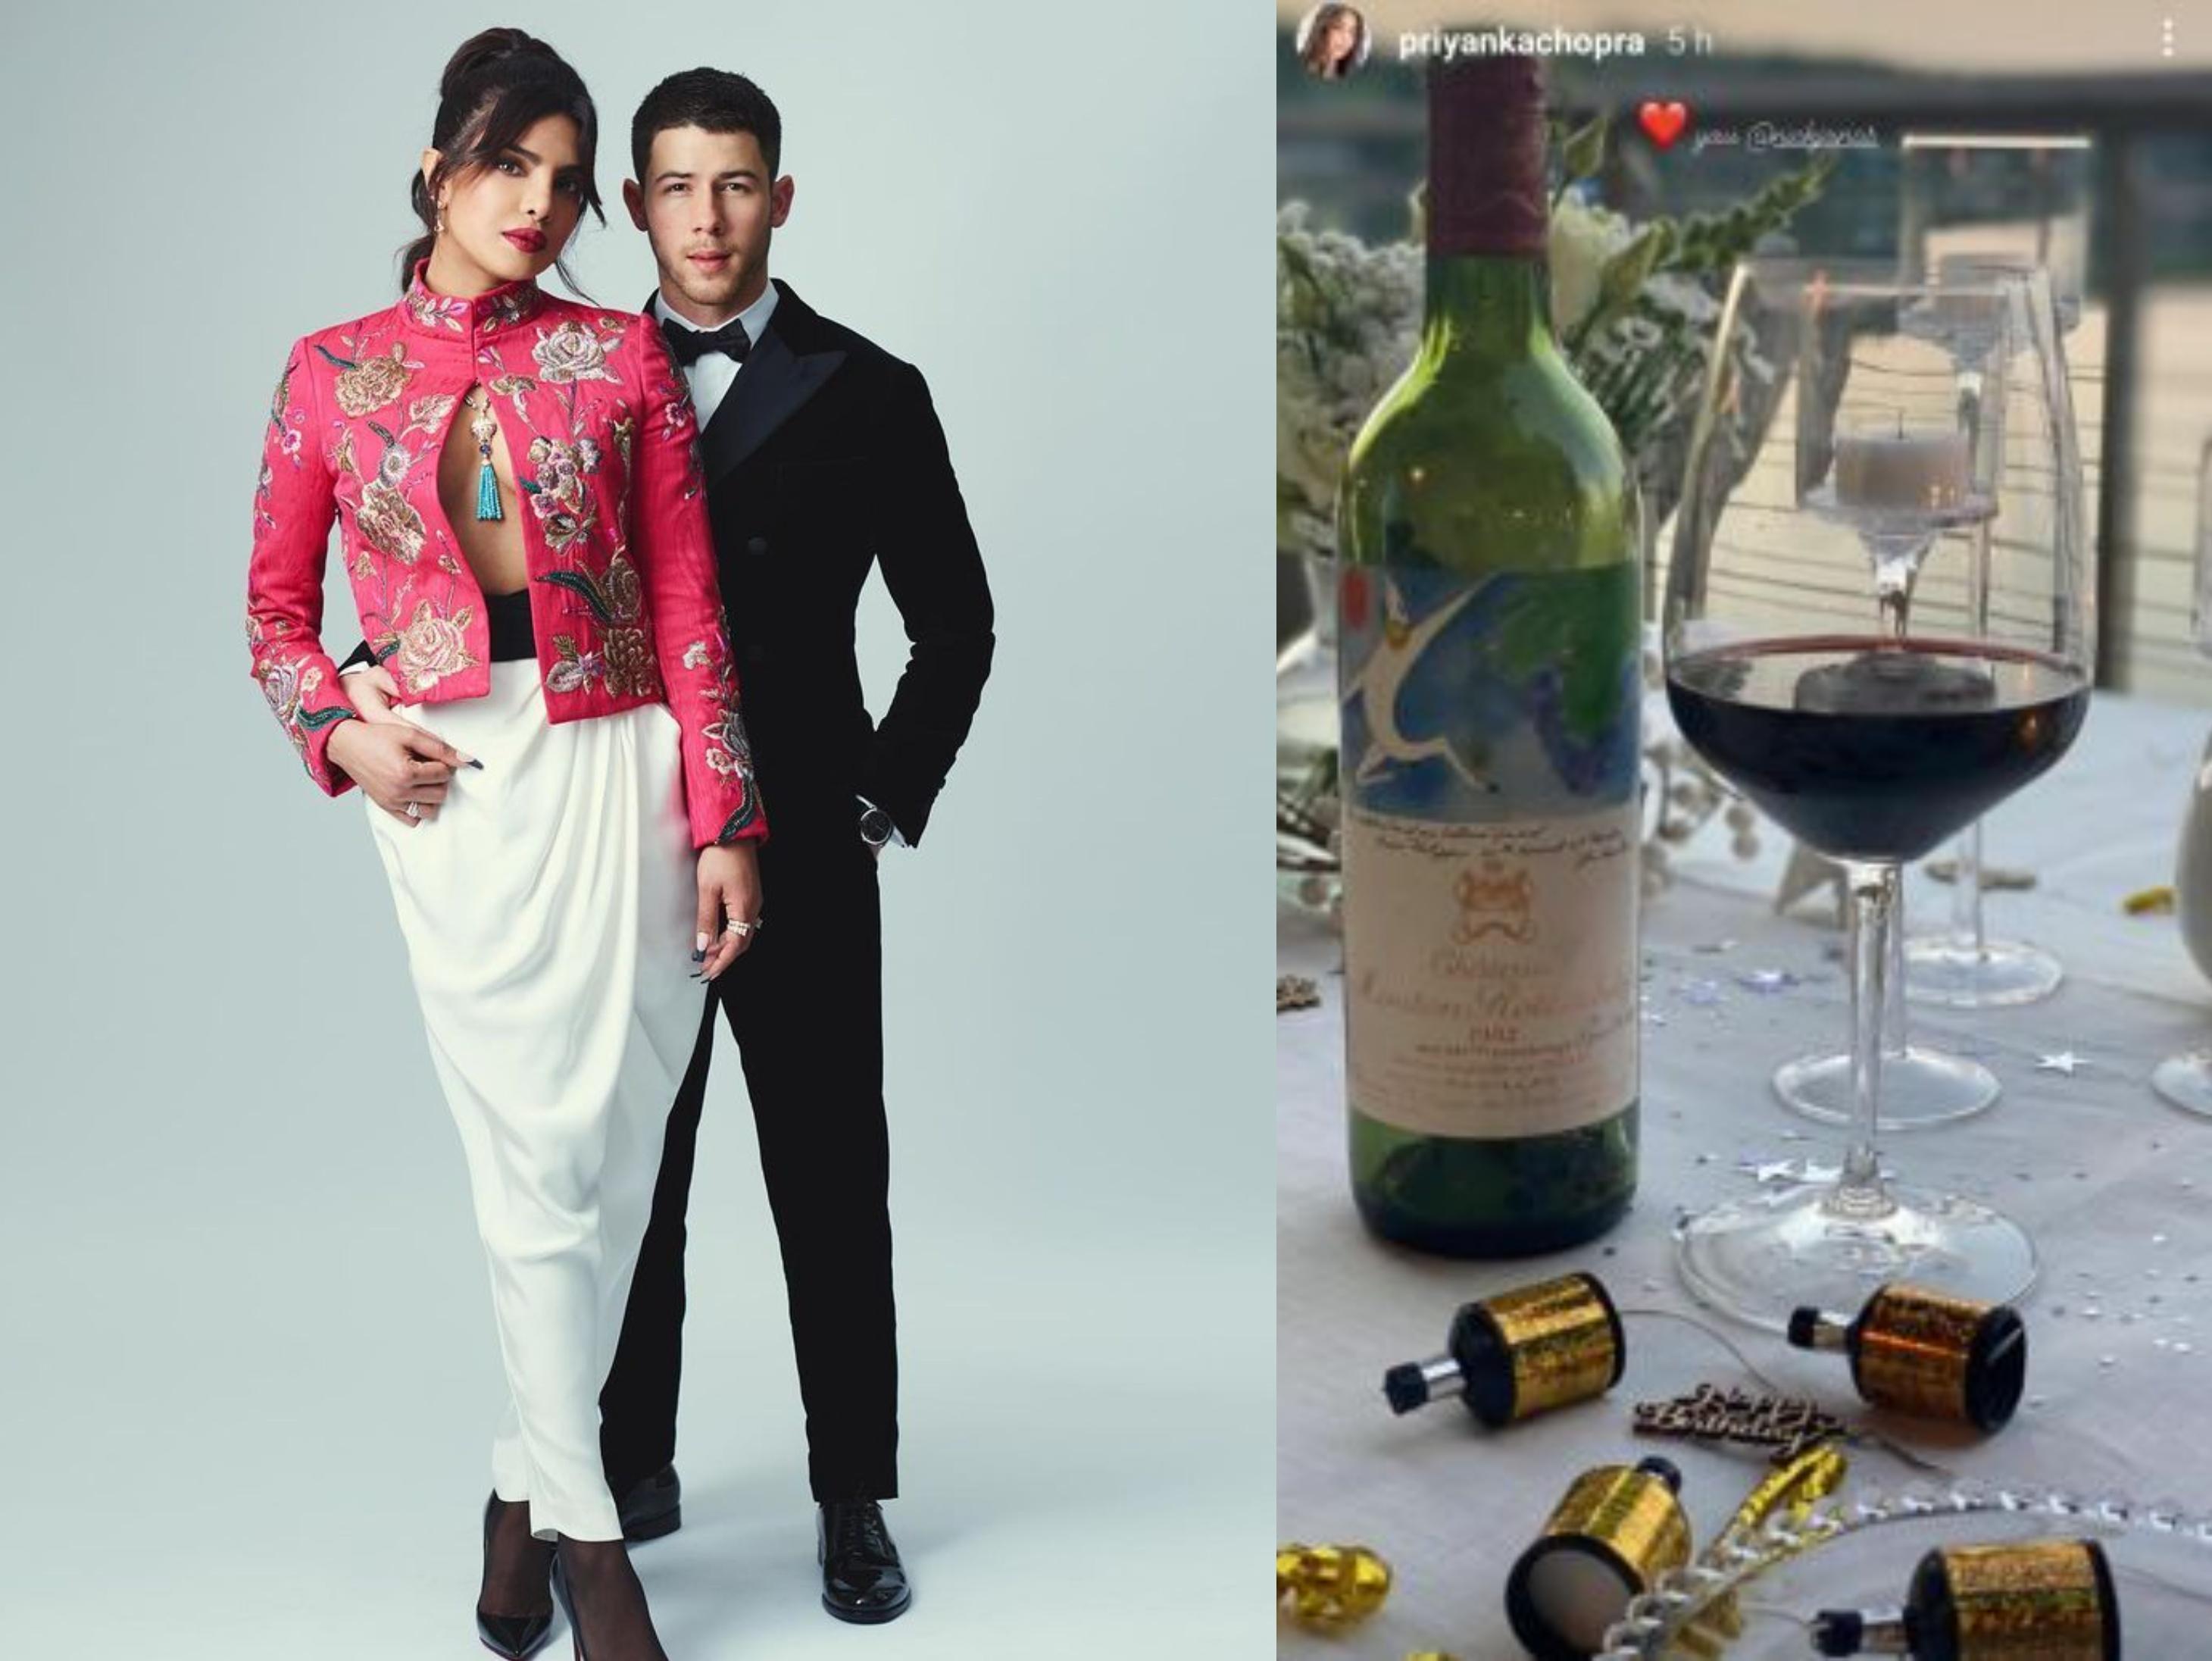 गिफ्ट में 13 लाख की वाइन बॉटल, प्रियंका चोपड़ा के बर्थडे को पति निक जोनास ने बनाया सुपर स्पेशल|बॉलीवुड,Bollywood - Dainik Bhaskar